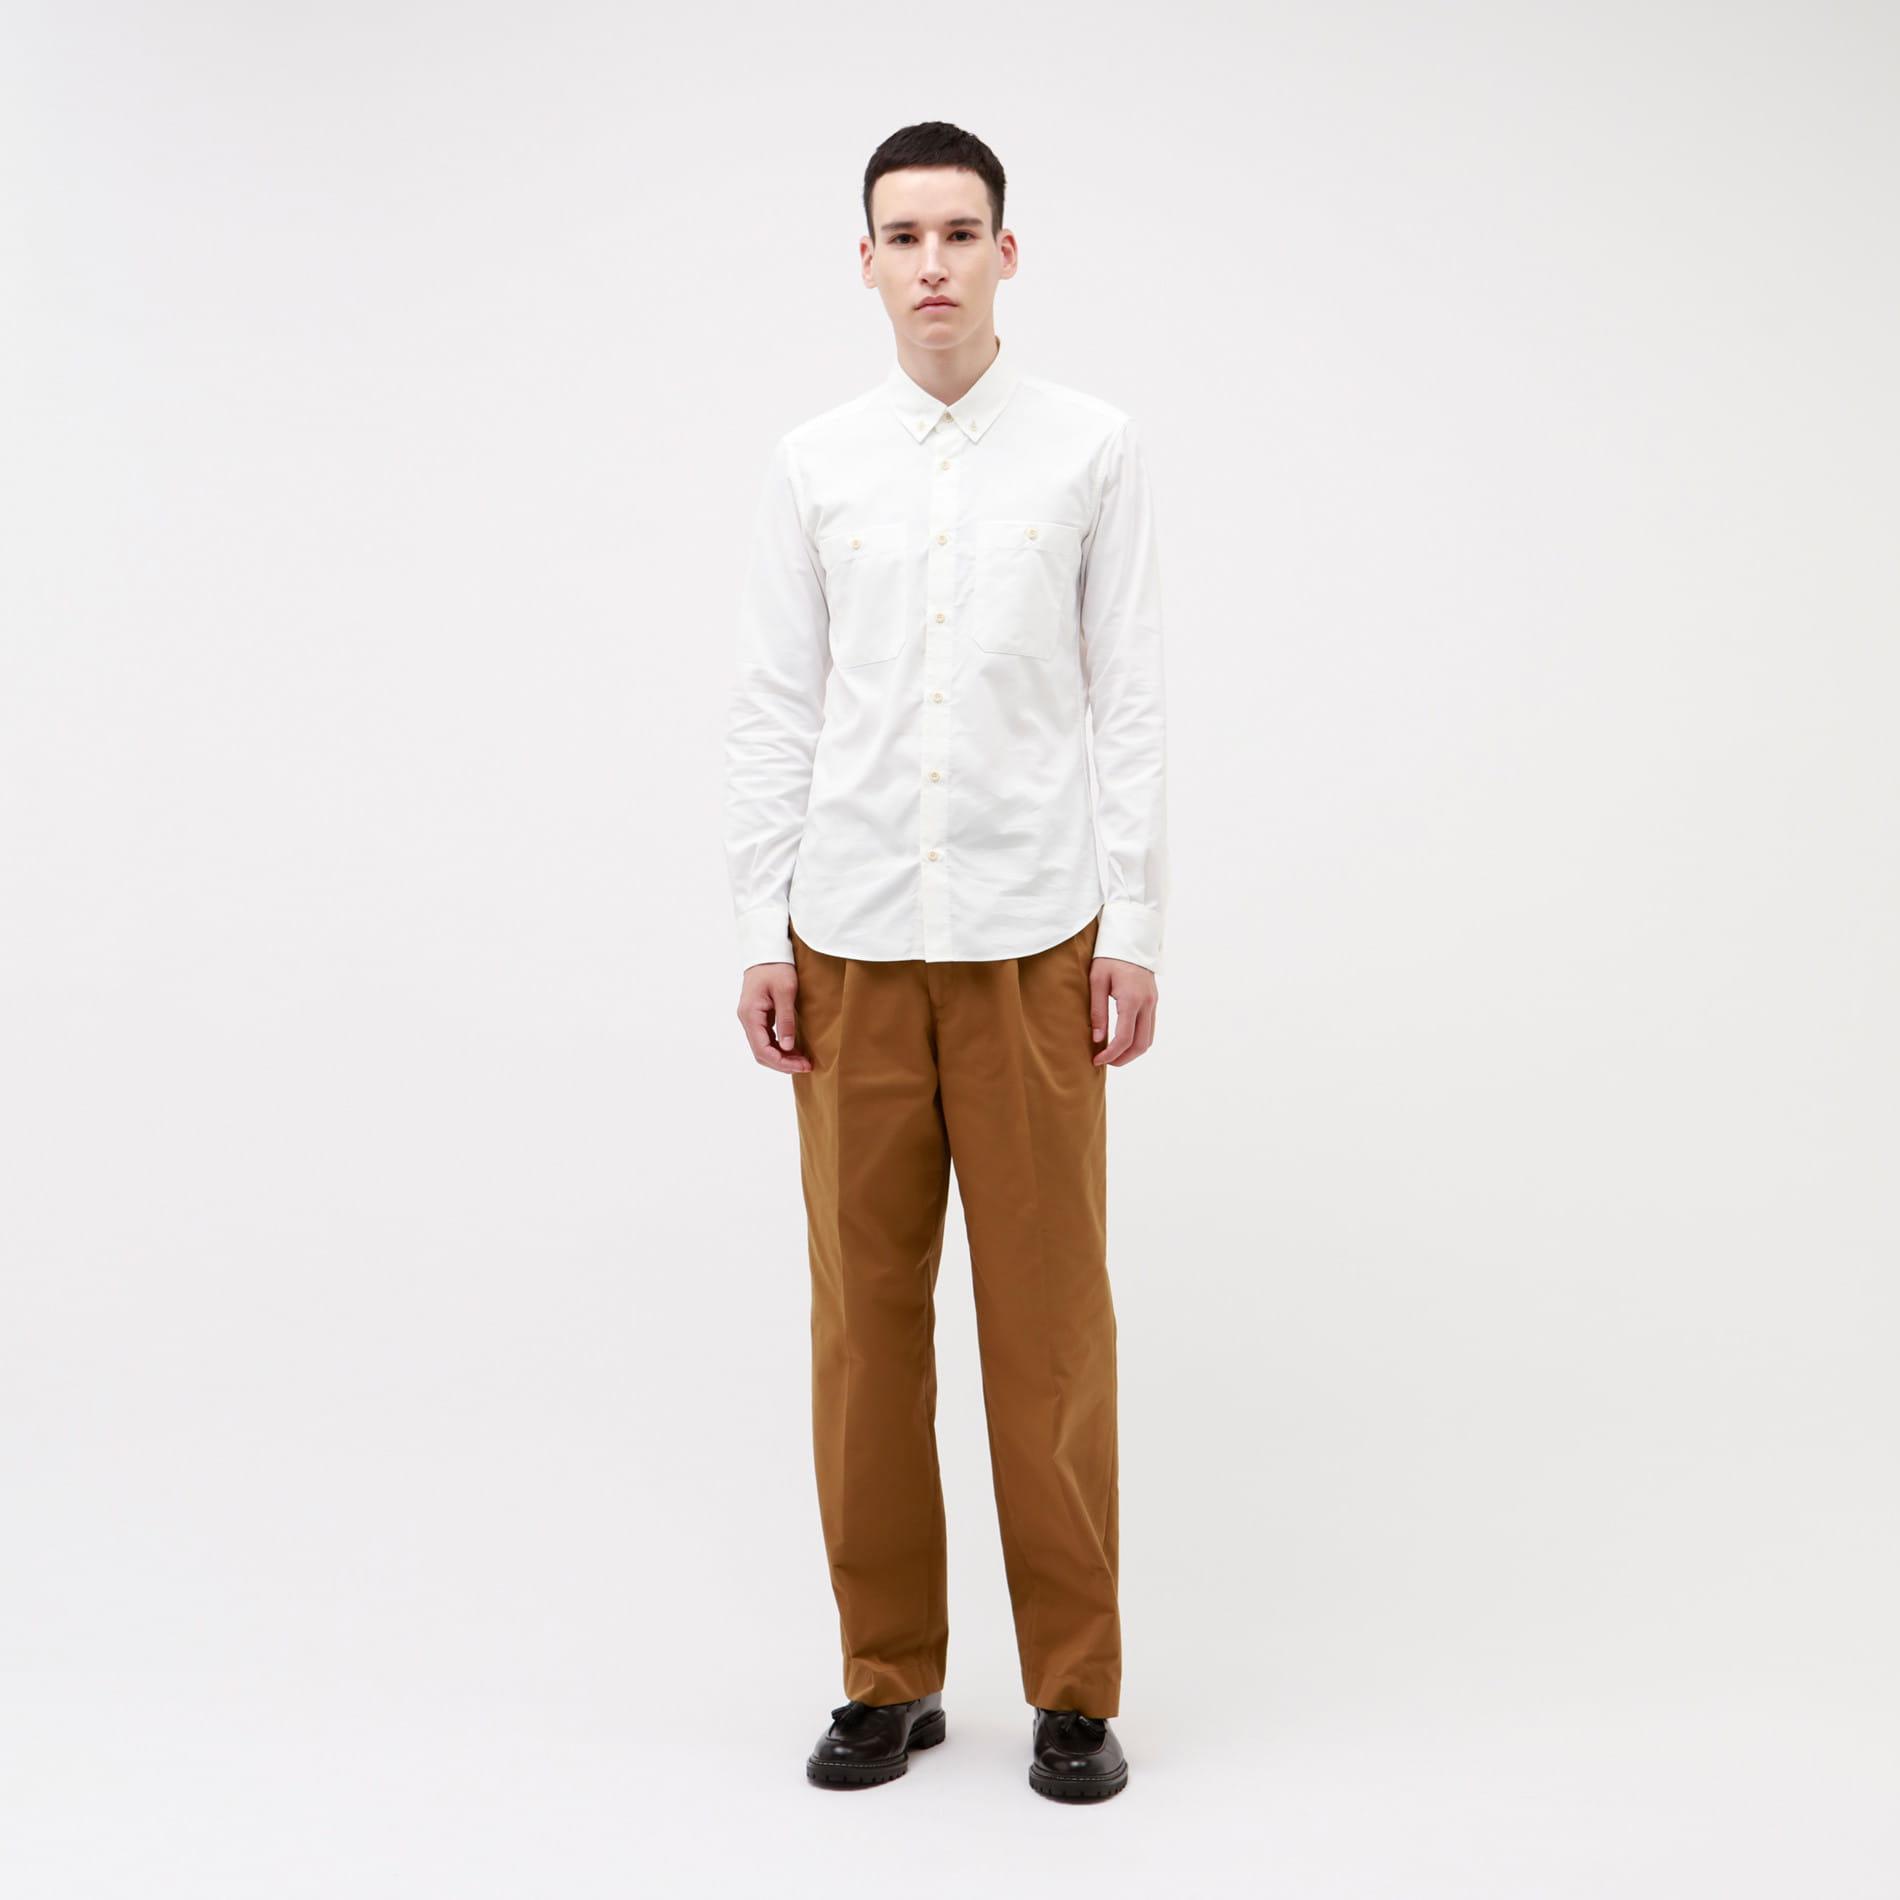 【予約販売】【LF】コーデュラ オックスフォード ボタンダウンシャツ